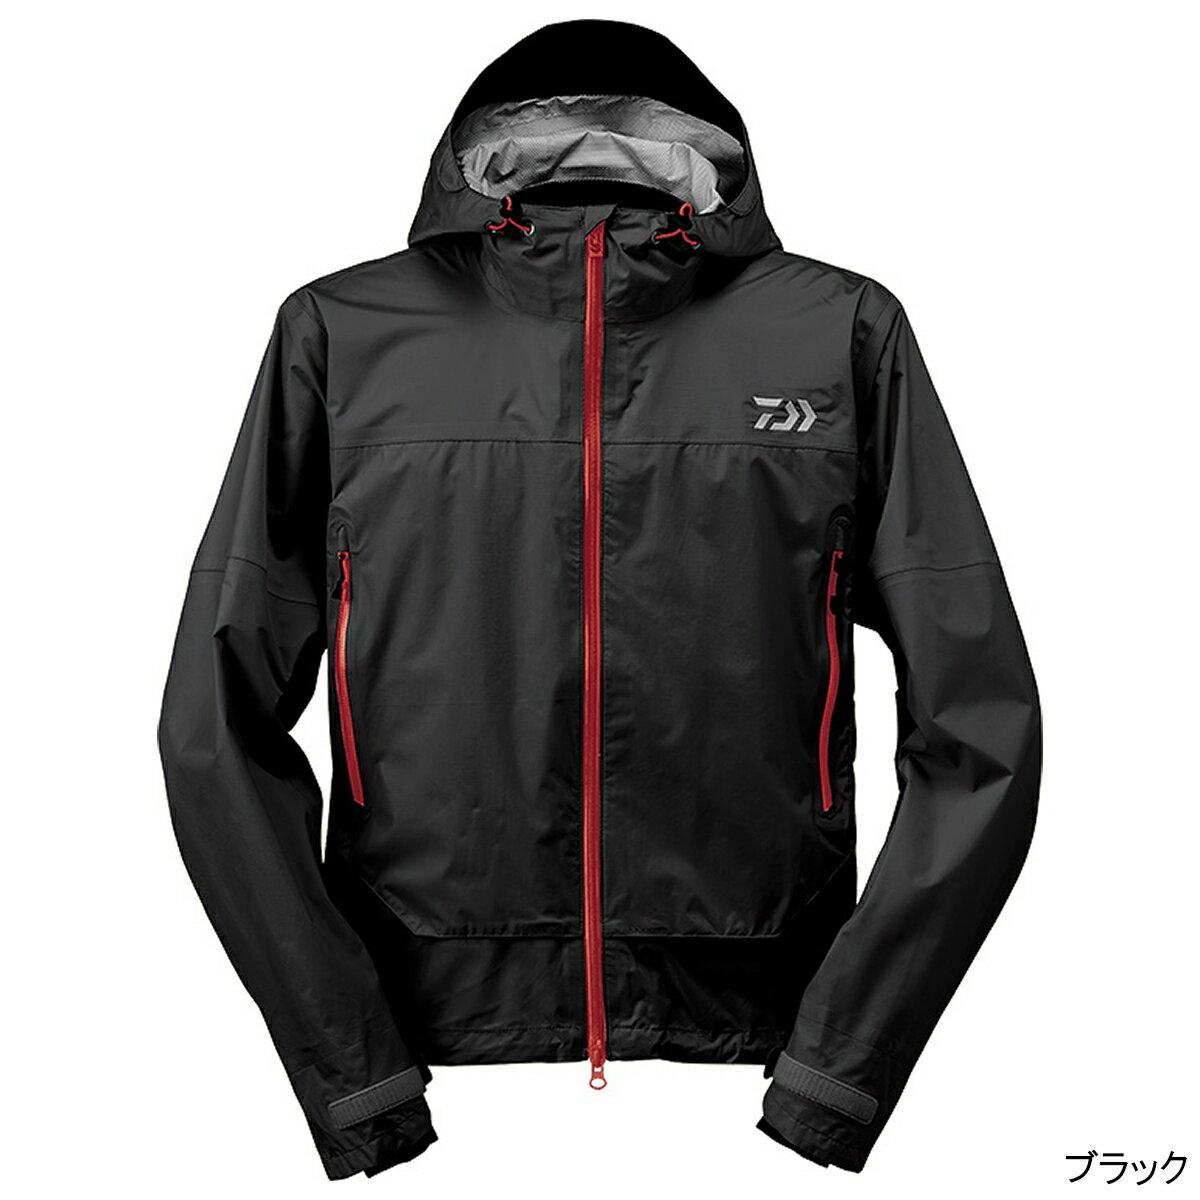 ダイワ レインマックス ショートレインジャケット DR-39009J M ブラック【送料無料】